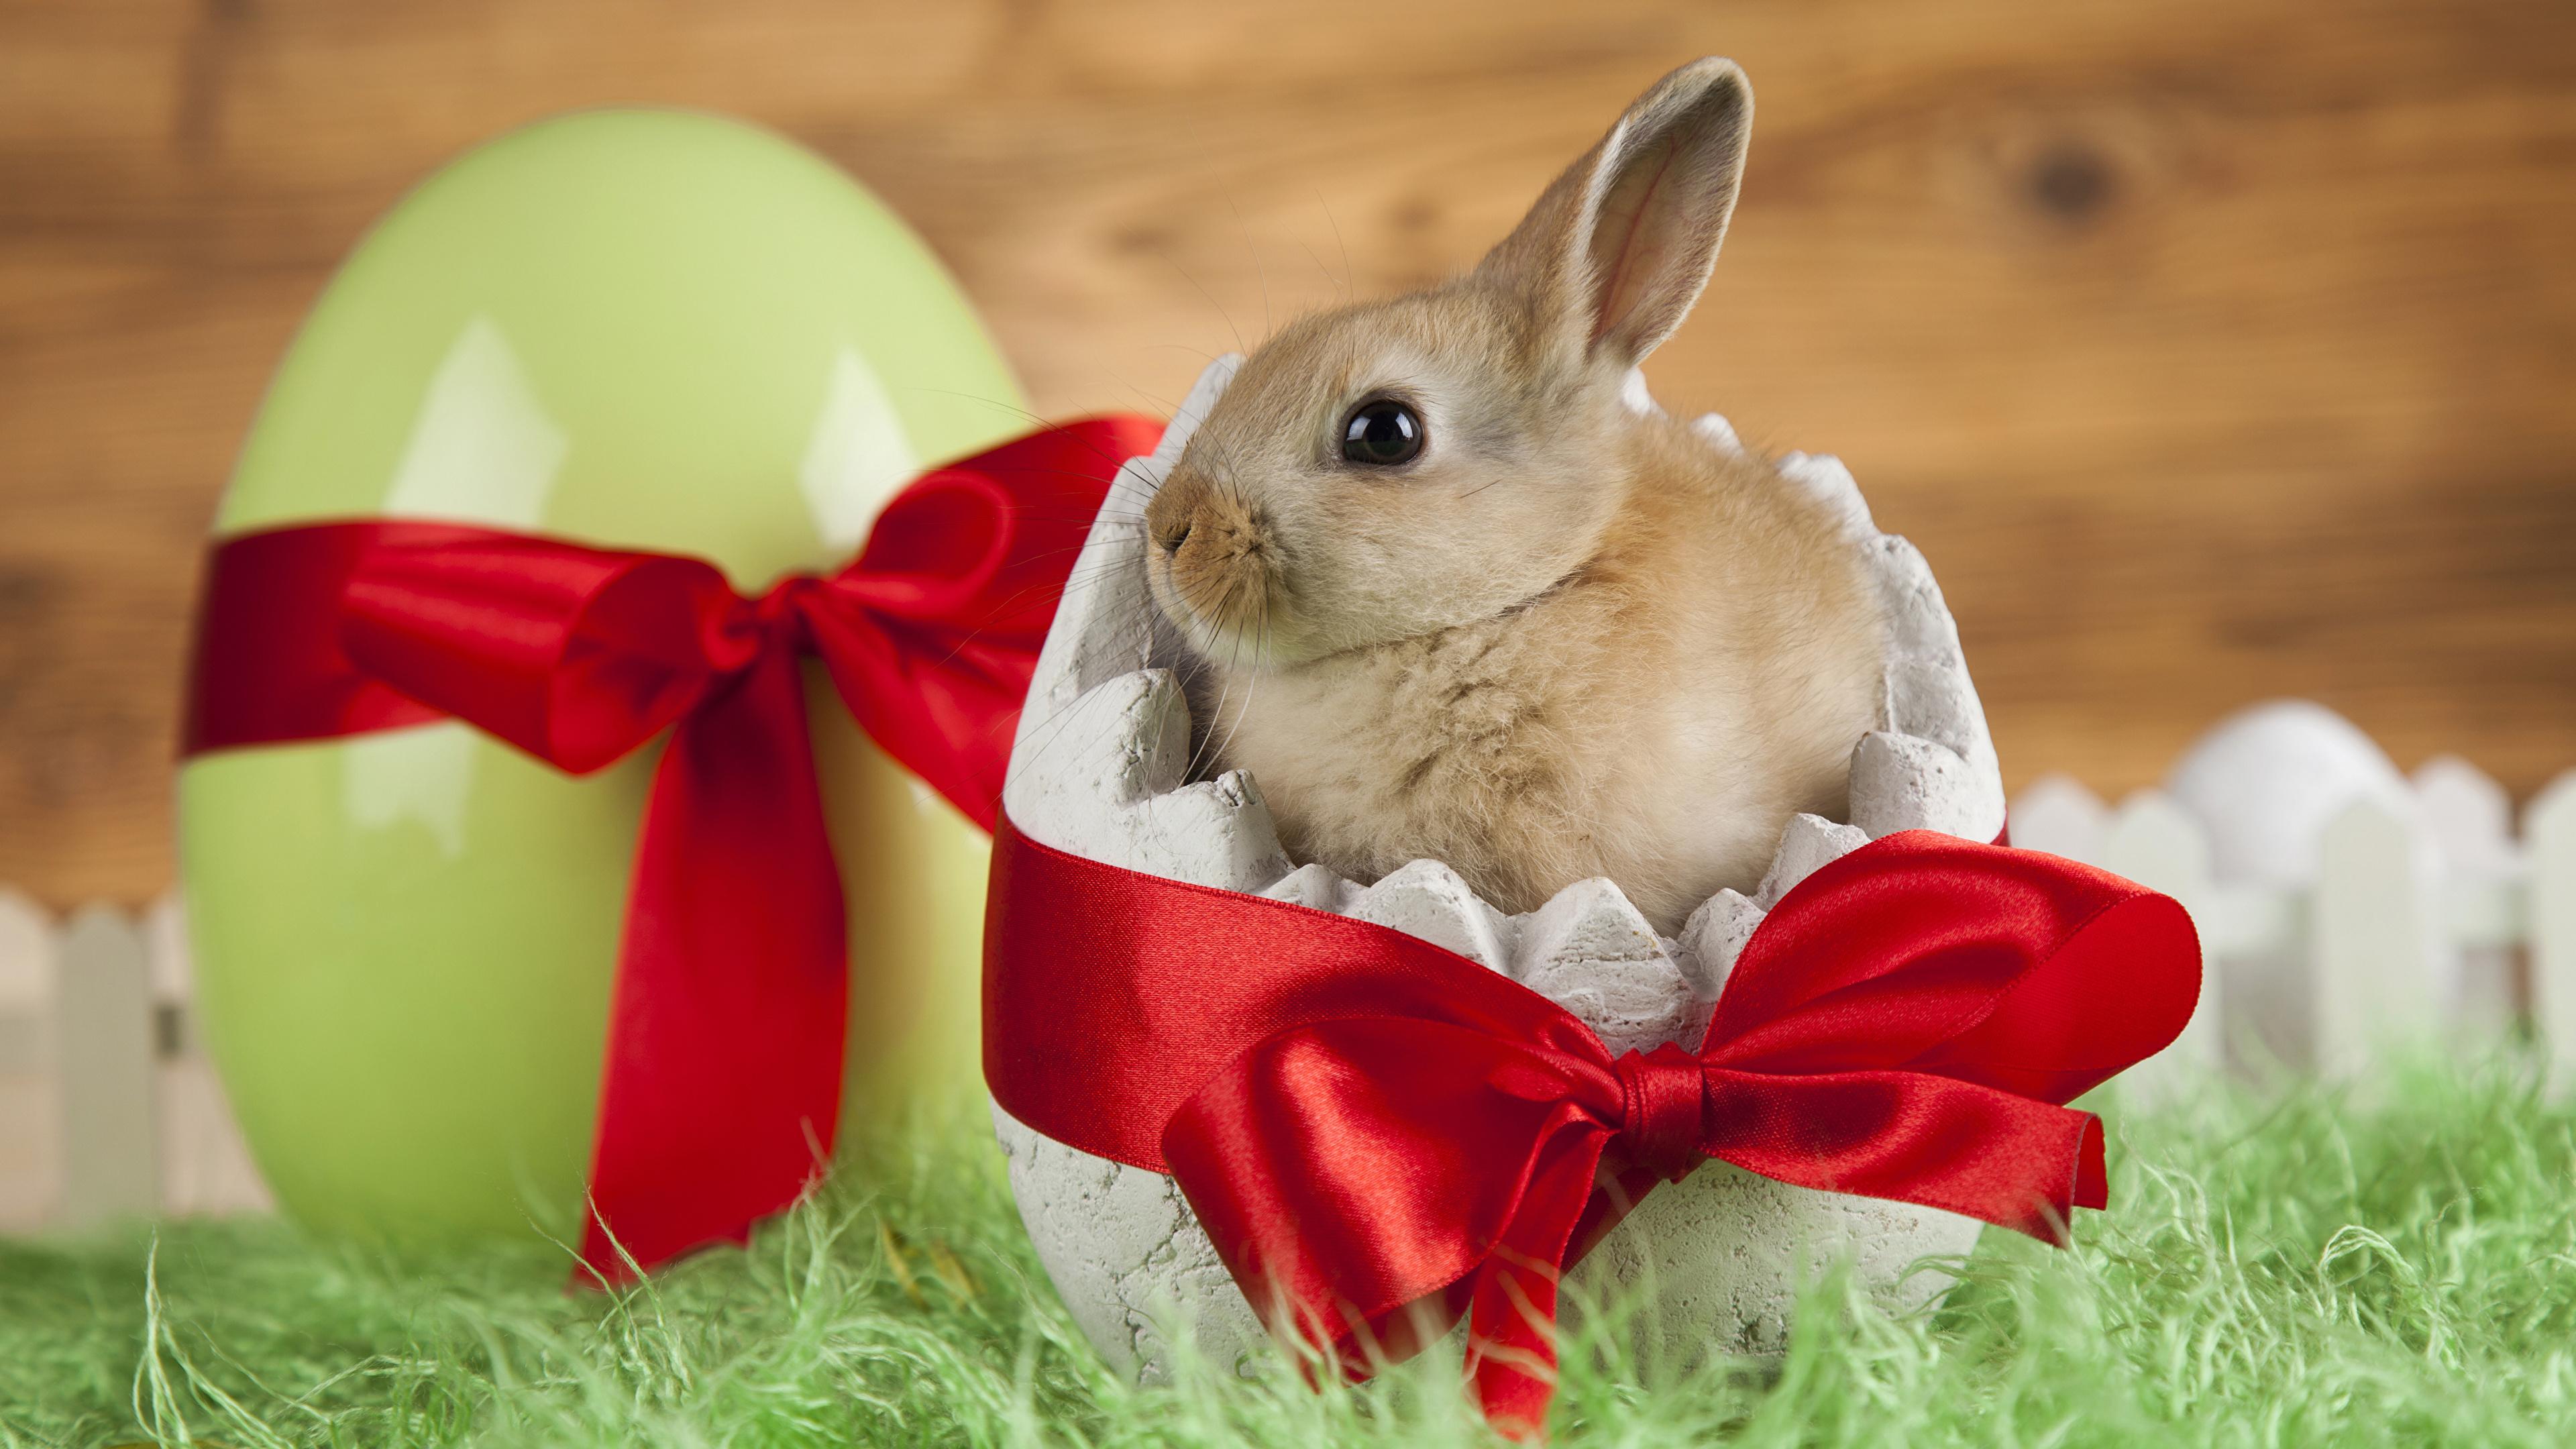 Картинки Пасха Кролики Детеныши Яйца Бантик животное 3840x2160 яиц яйцо яйцами бант бантики Животные